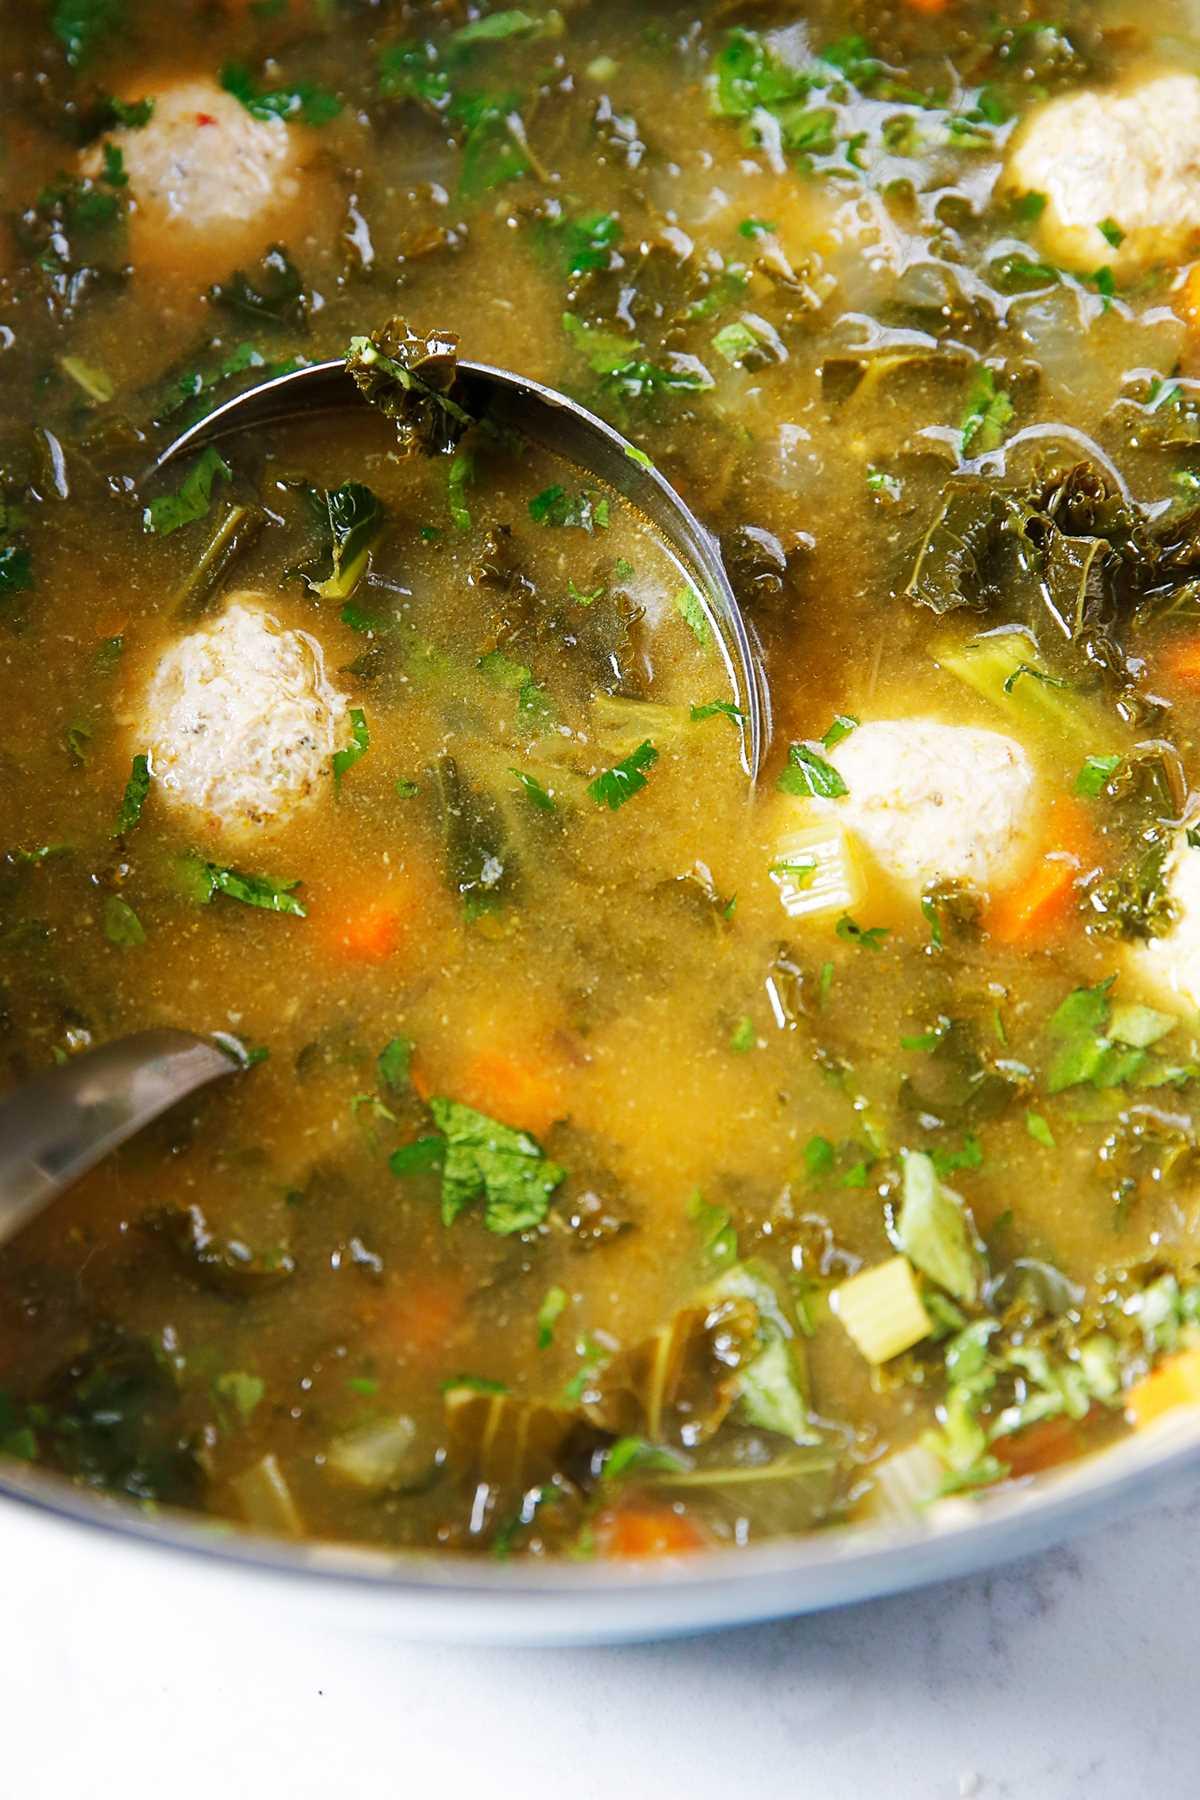 Una olla de sopa de boda italiana con col rizada.